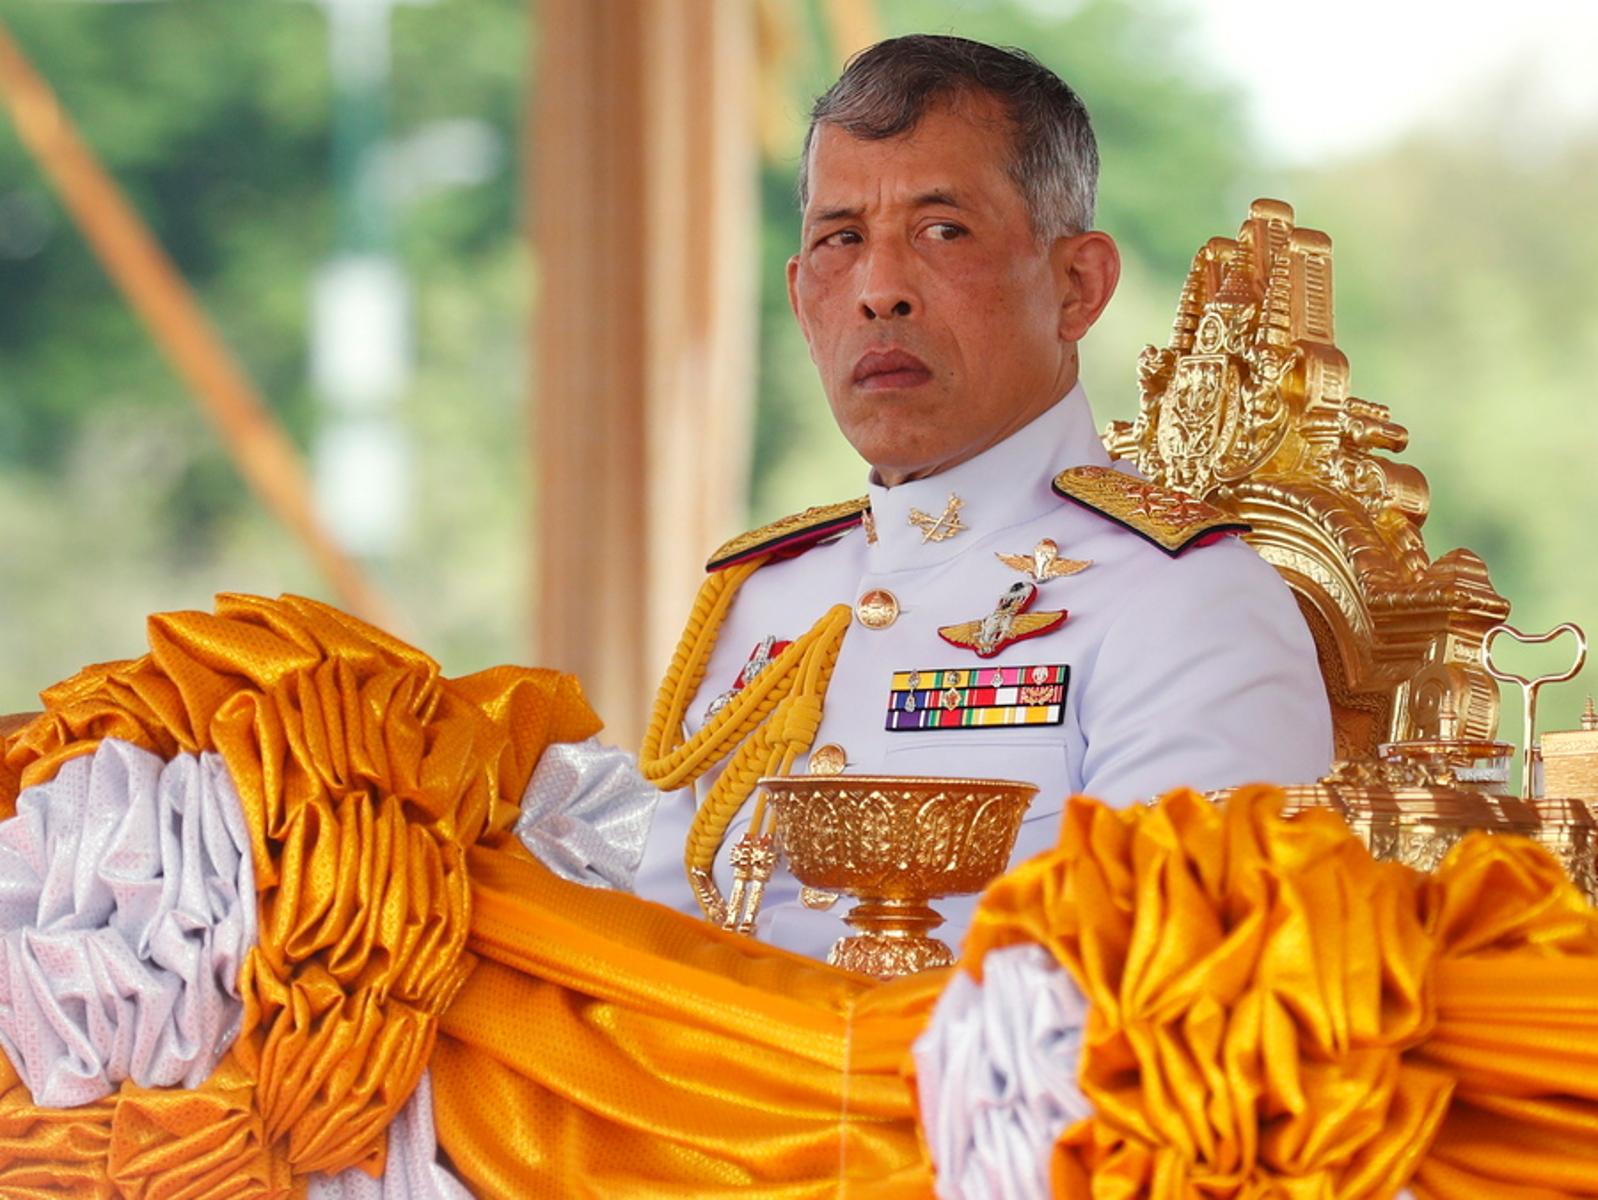 Με χαρέμι και πτήσεις με πολυτελές τζετ η καραντίνα του βασιλιά της Ταϊλάνδης